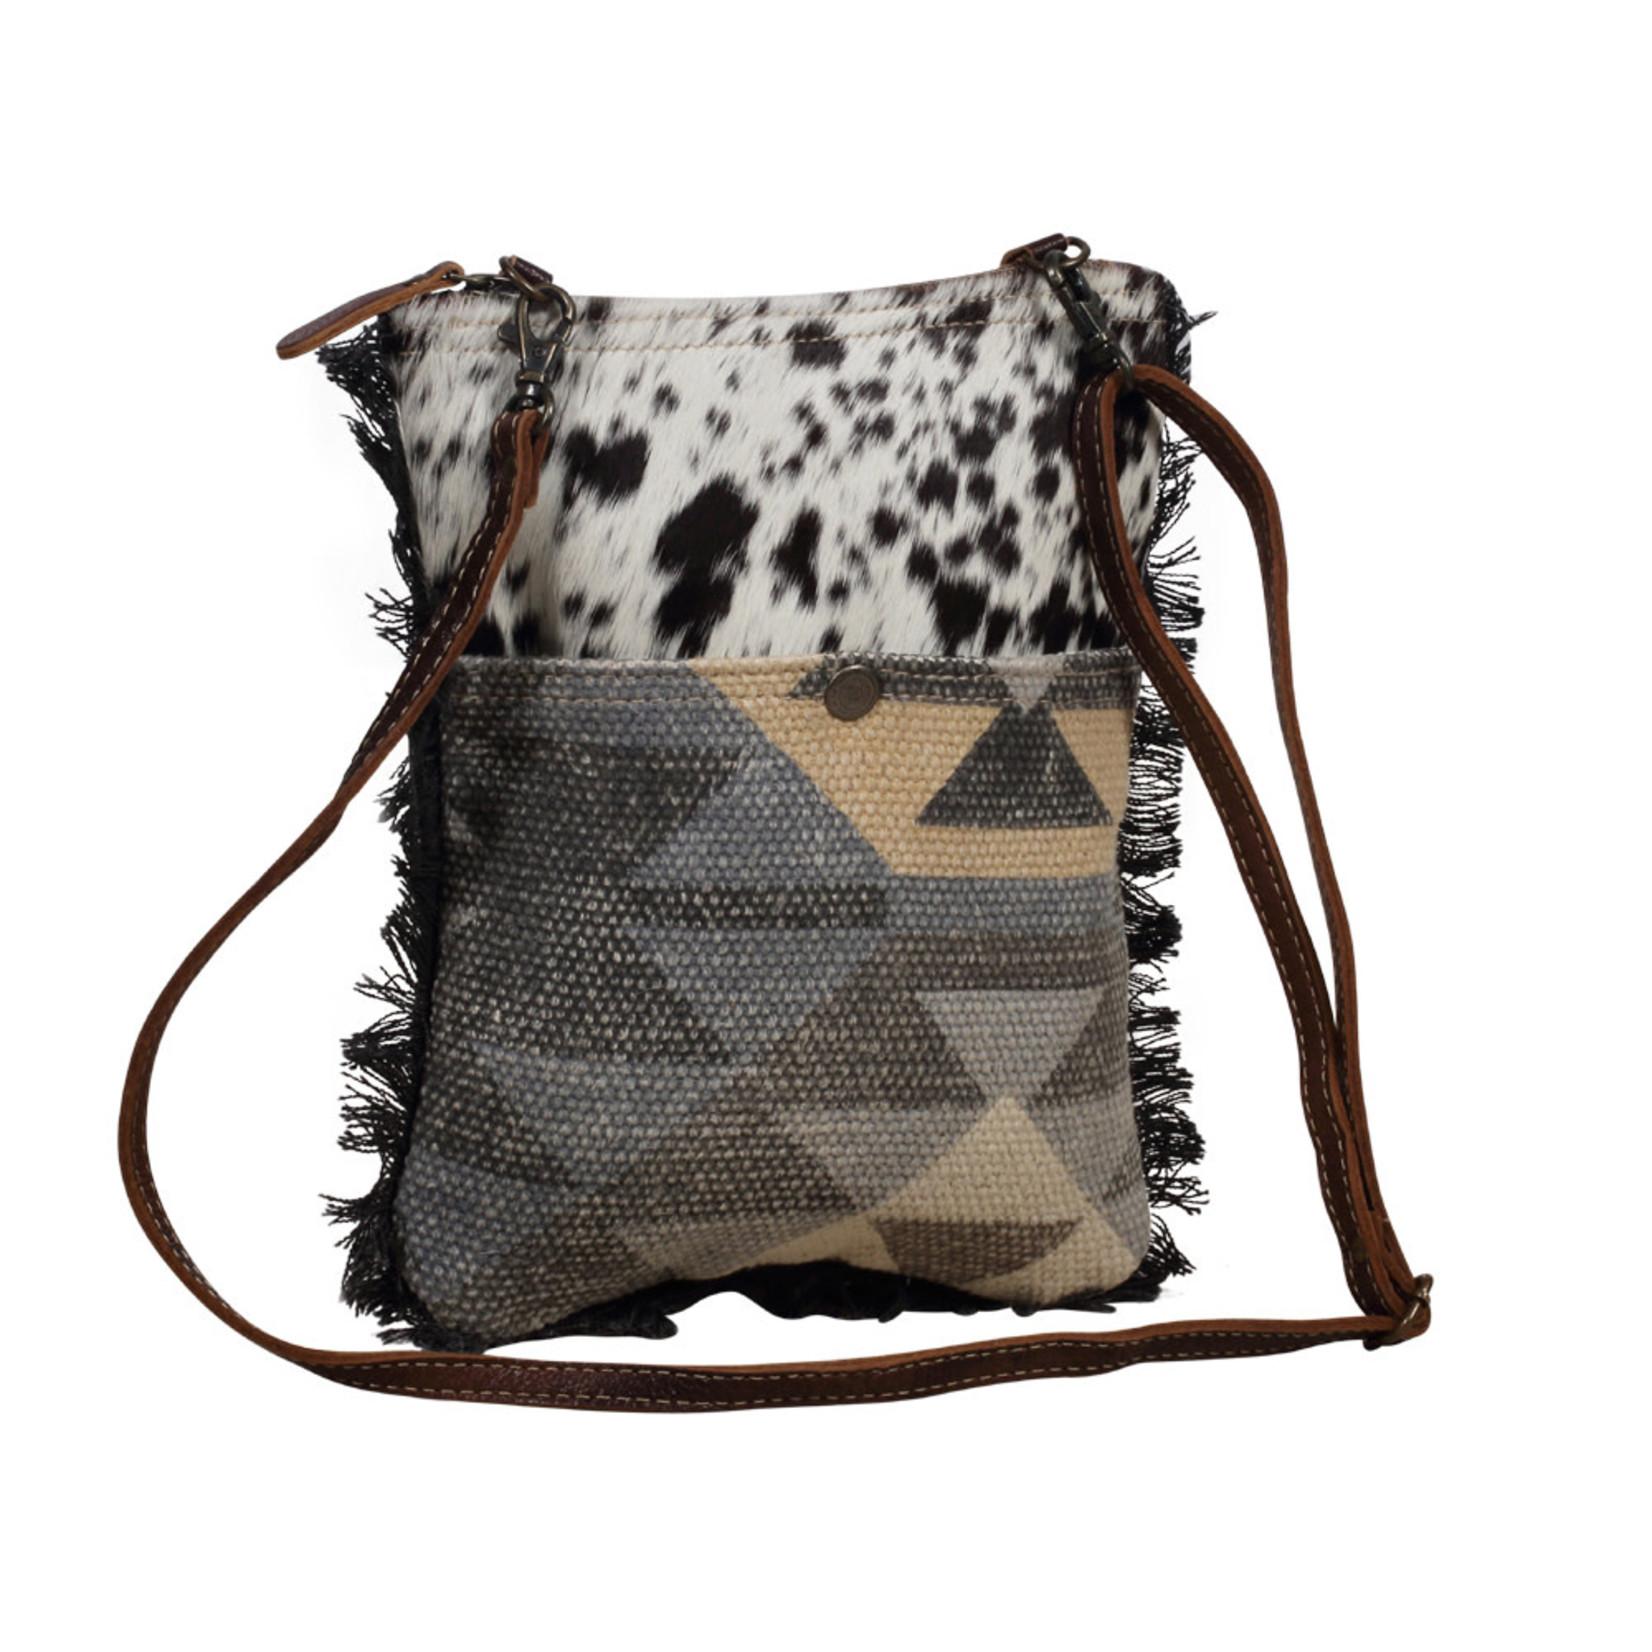 Myra Bags S-2075 Beary Hairy Small & Crossbody Bag